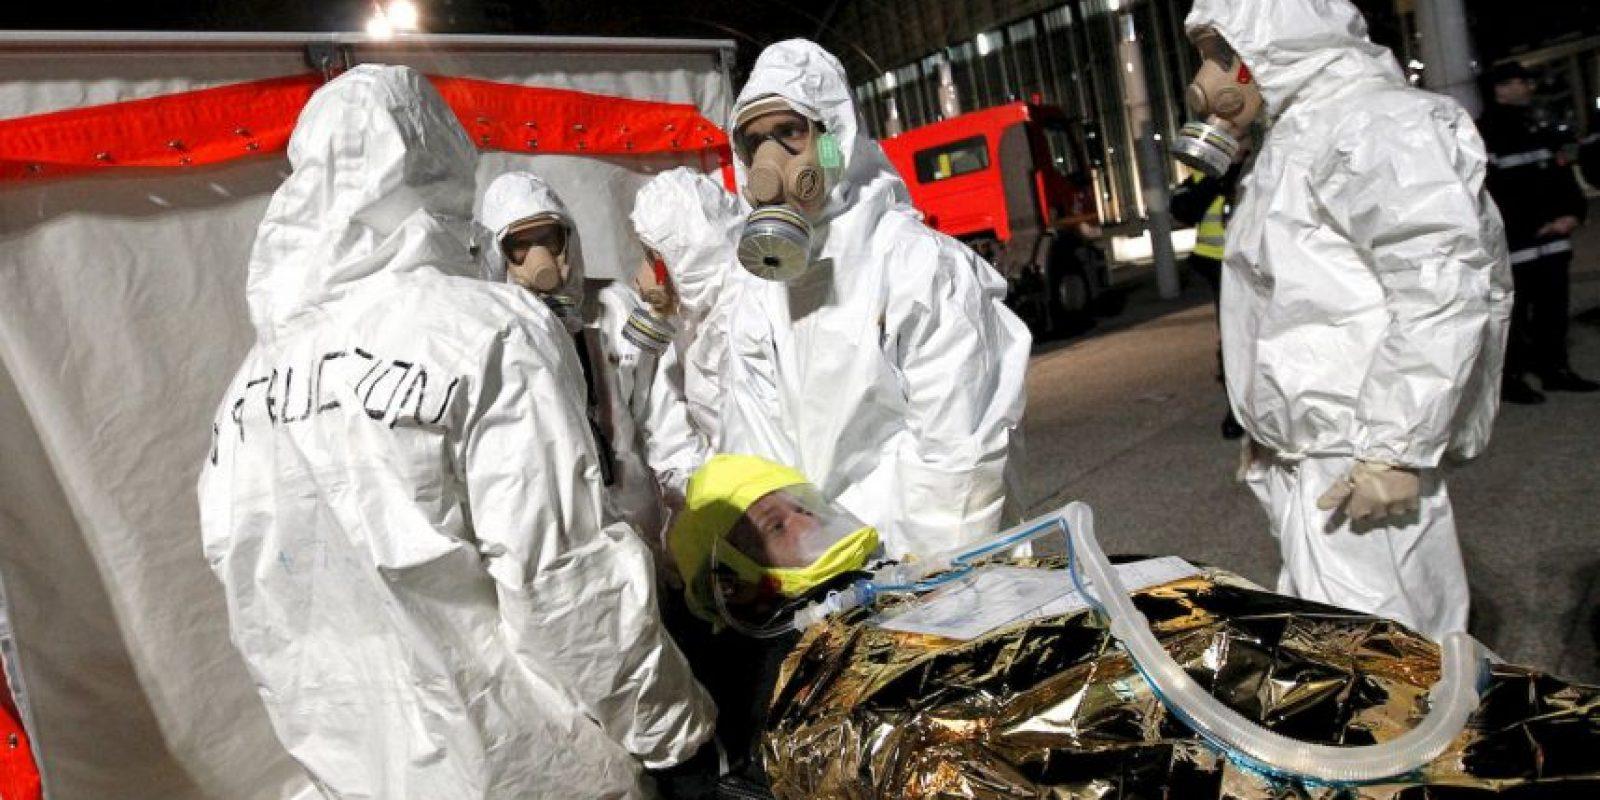 Según la cadena CNN, ocho personas fueron arrestadas y dos murieron en el operativo. Foto:AFP